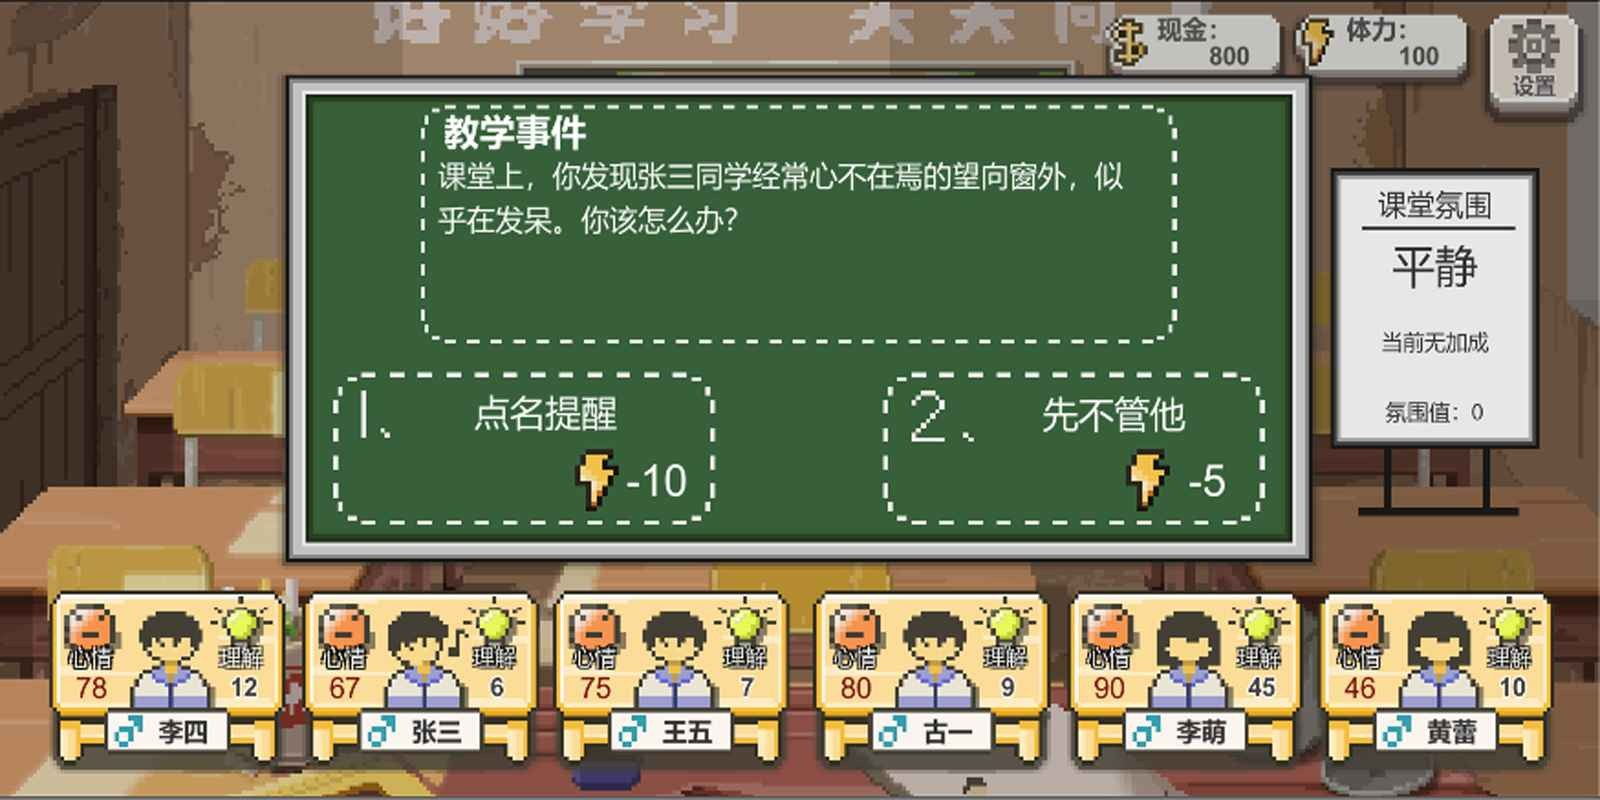 乡村老师测试版截图4